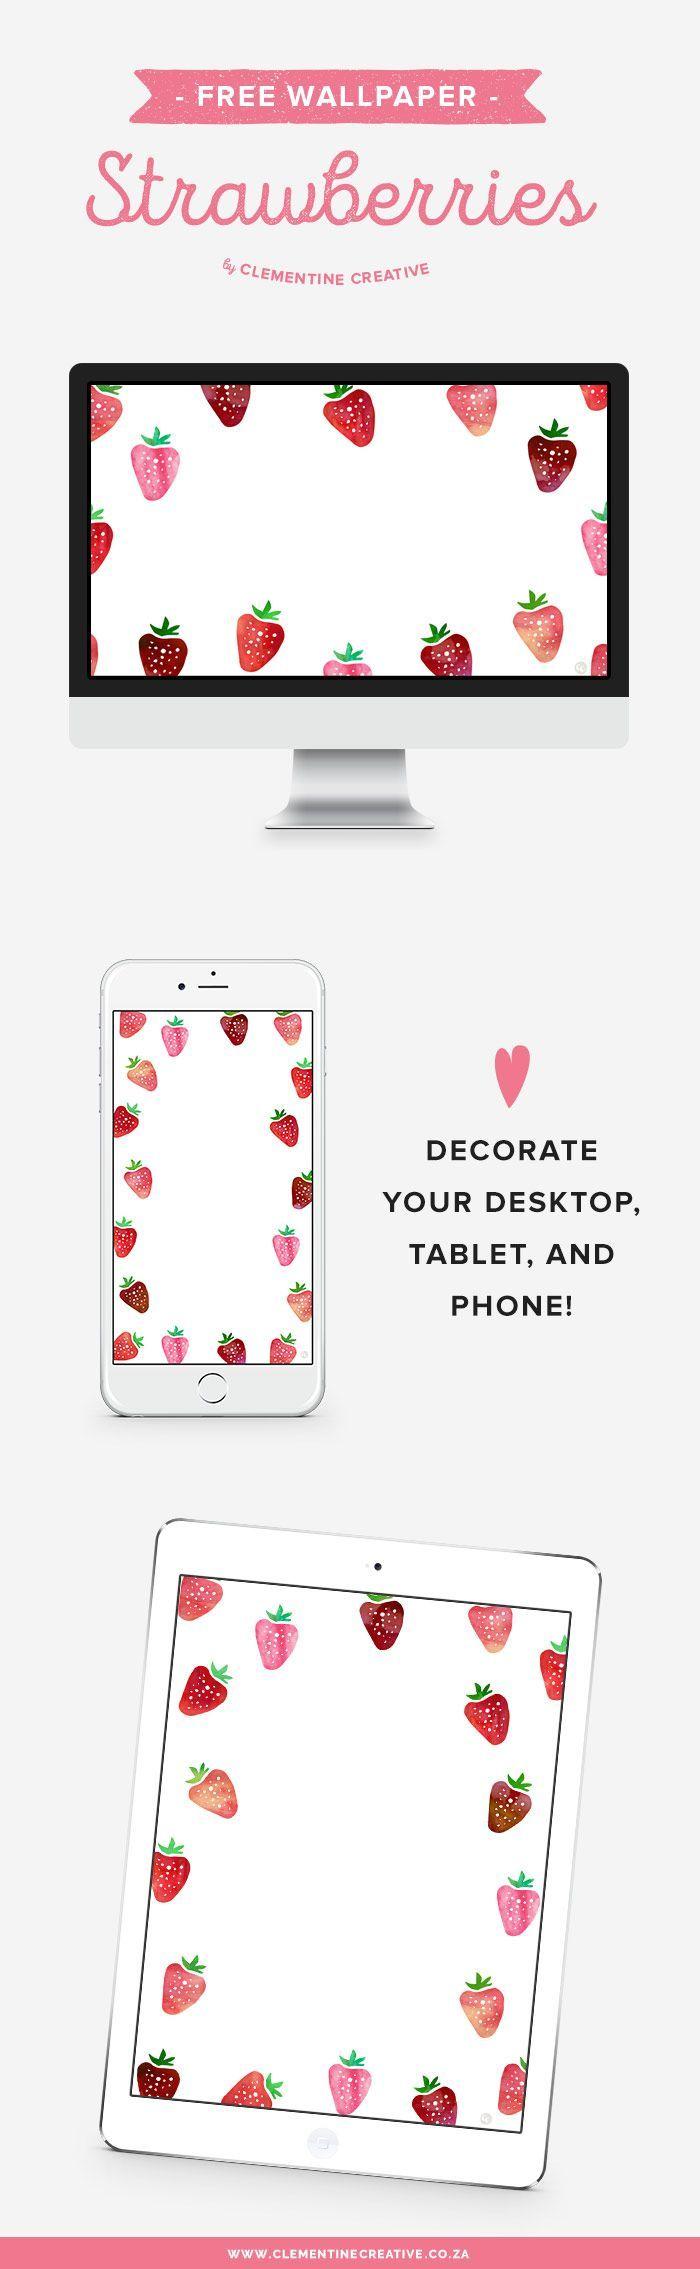 Kostenloser Download von Hintergrundbildern: Erdbeeren